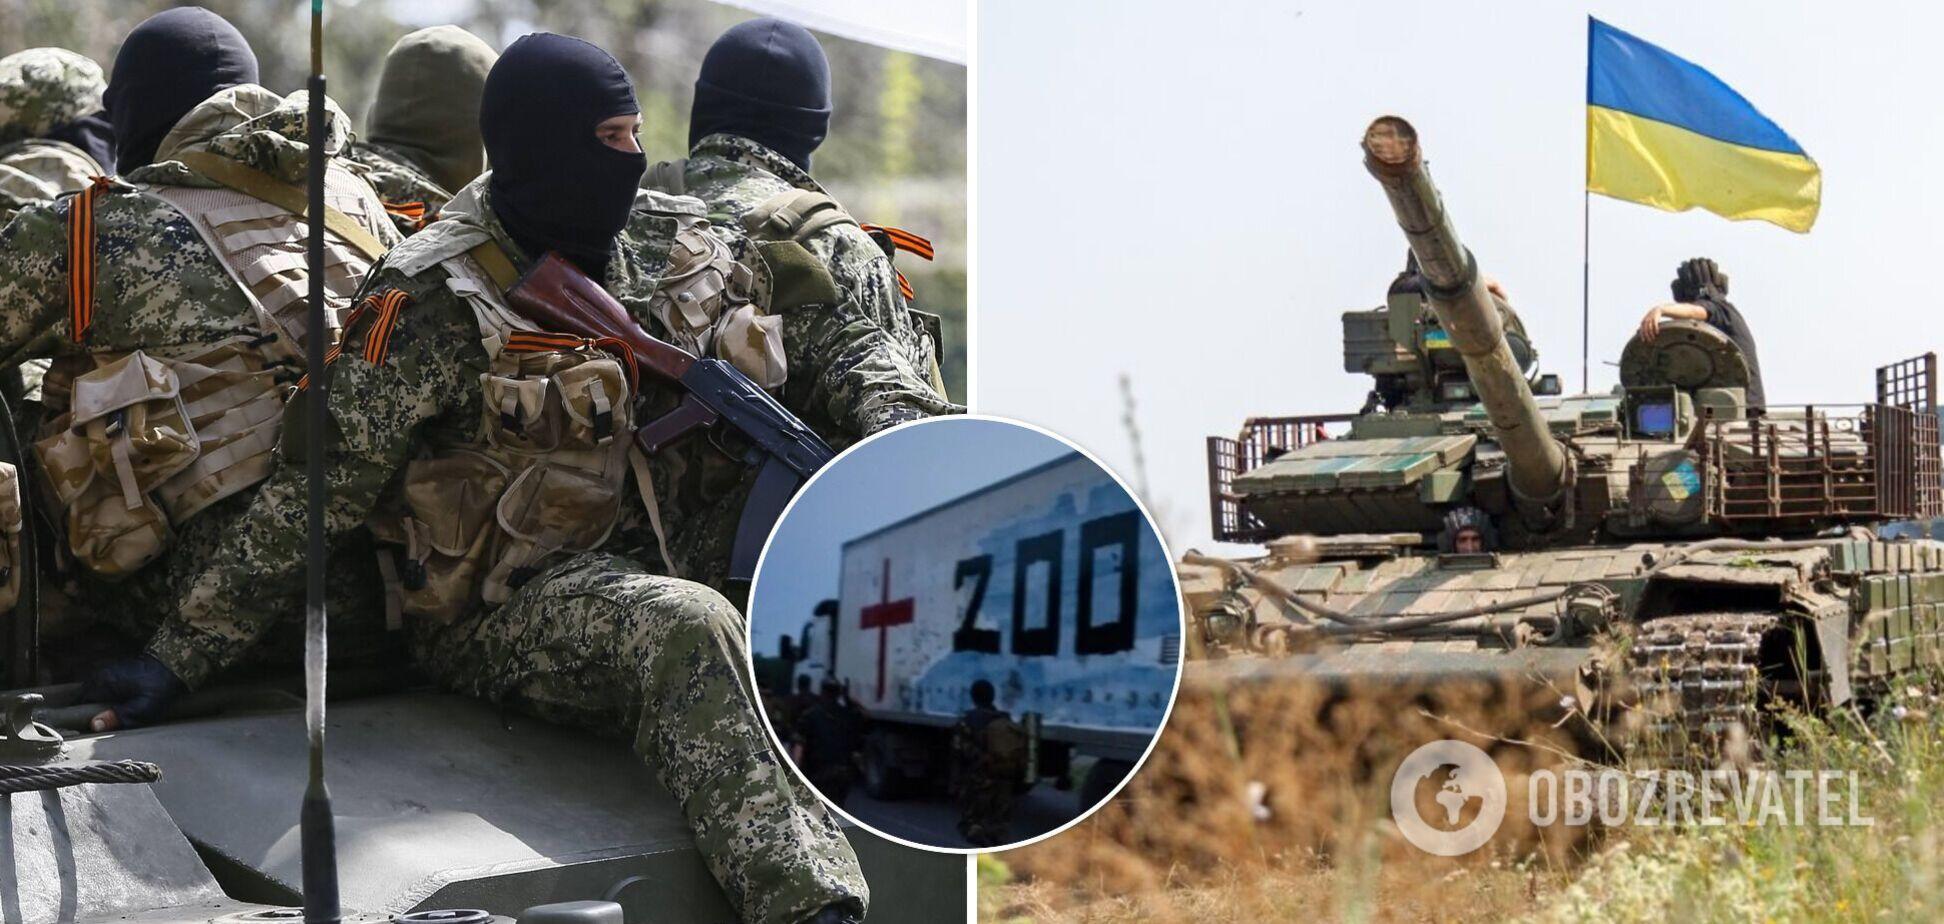 У Гаазі показали аудіоперехоплення розмов терористів: скаржилися на міць ЗСУ і втрати